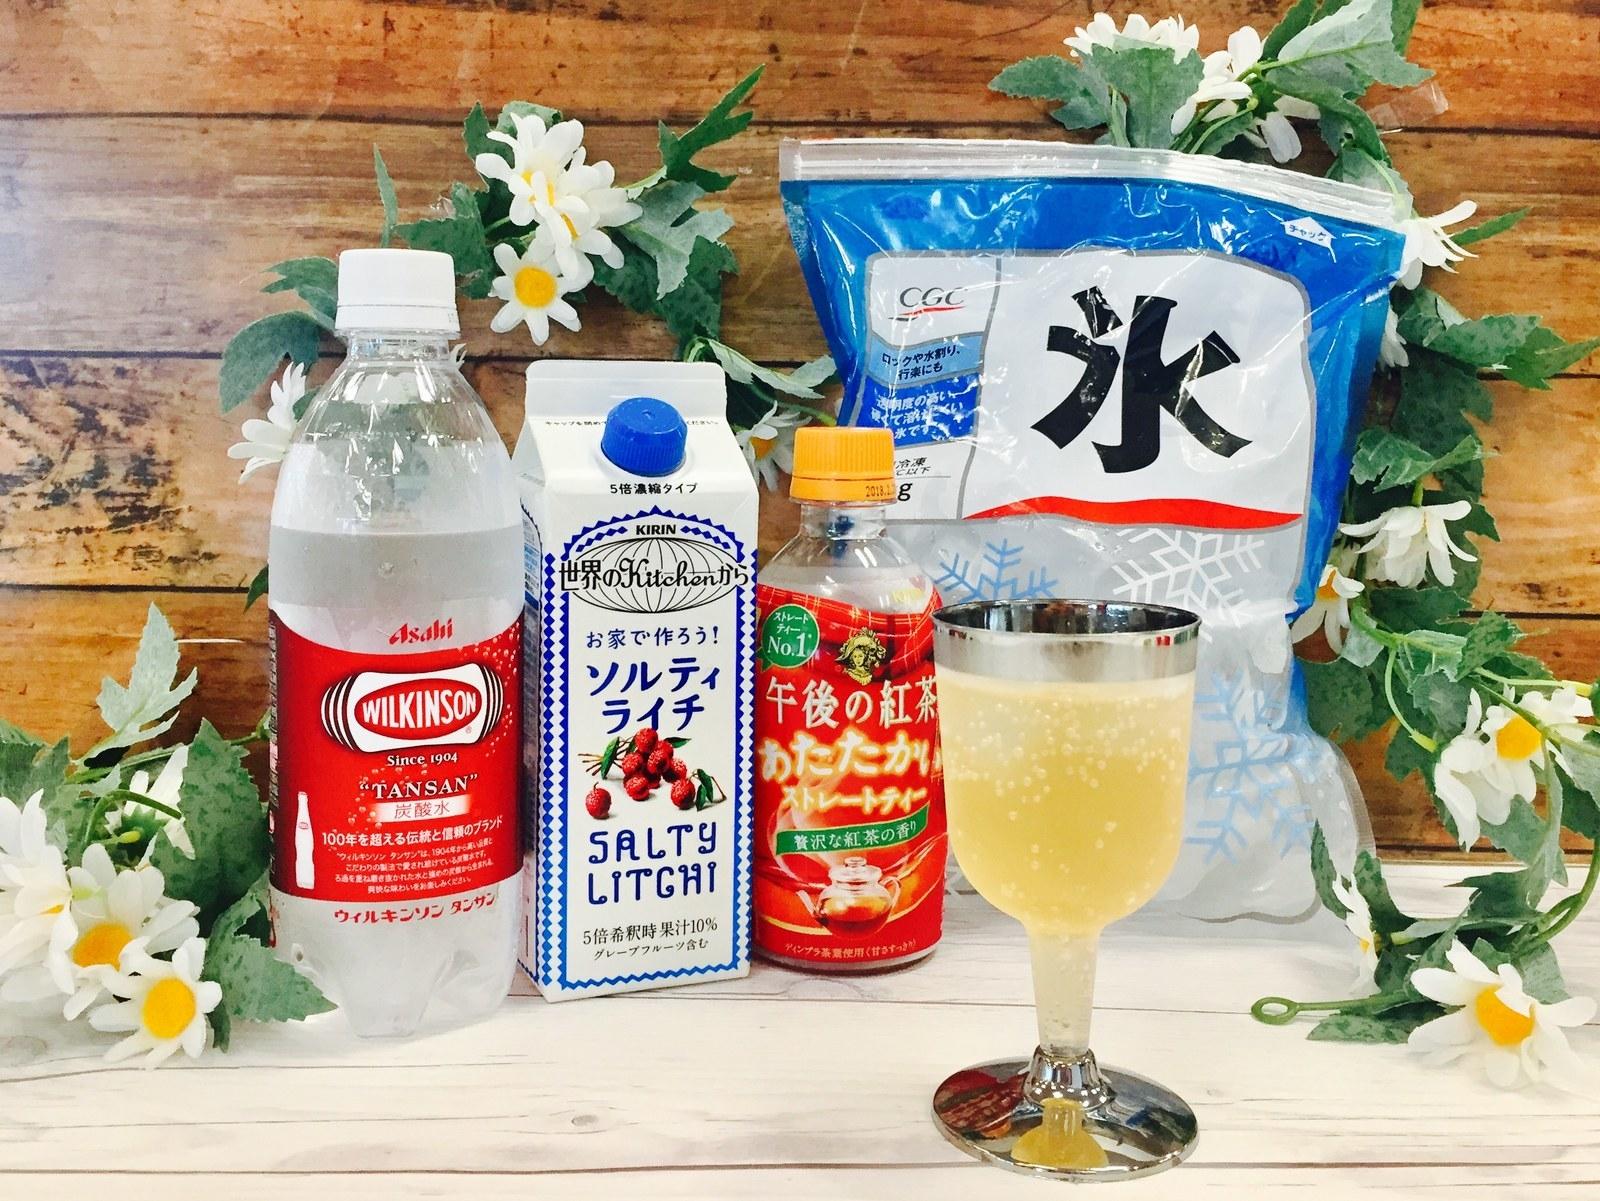 """濃縮 ソルティ ライチ 活性化する濃縮飲料市場に「ソルティライチベース」で提案強化 おうちで簡単にできる""""おいしい""""熱中症対策レシピ考案(食品新聞)"""